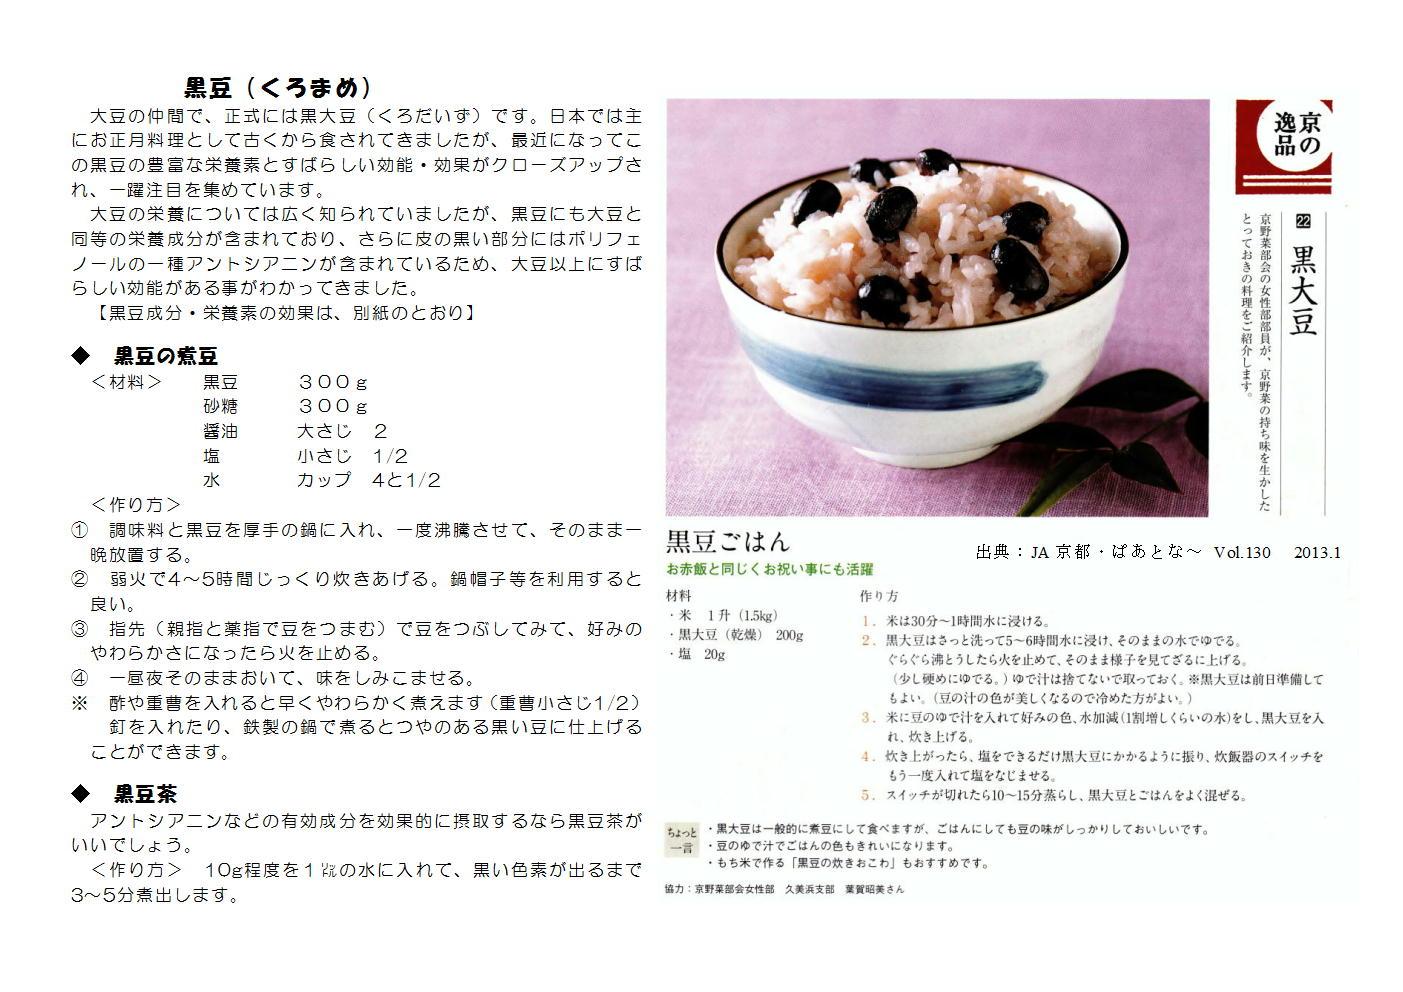 黒豆料理レシピ